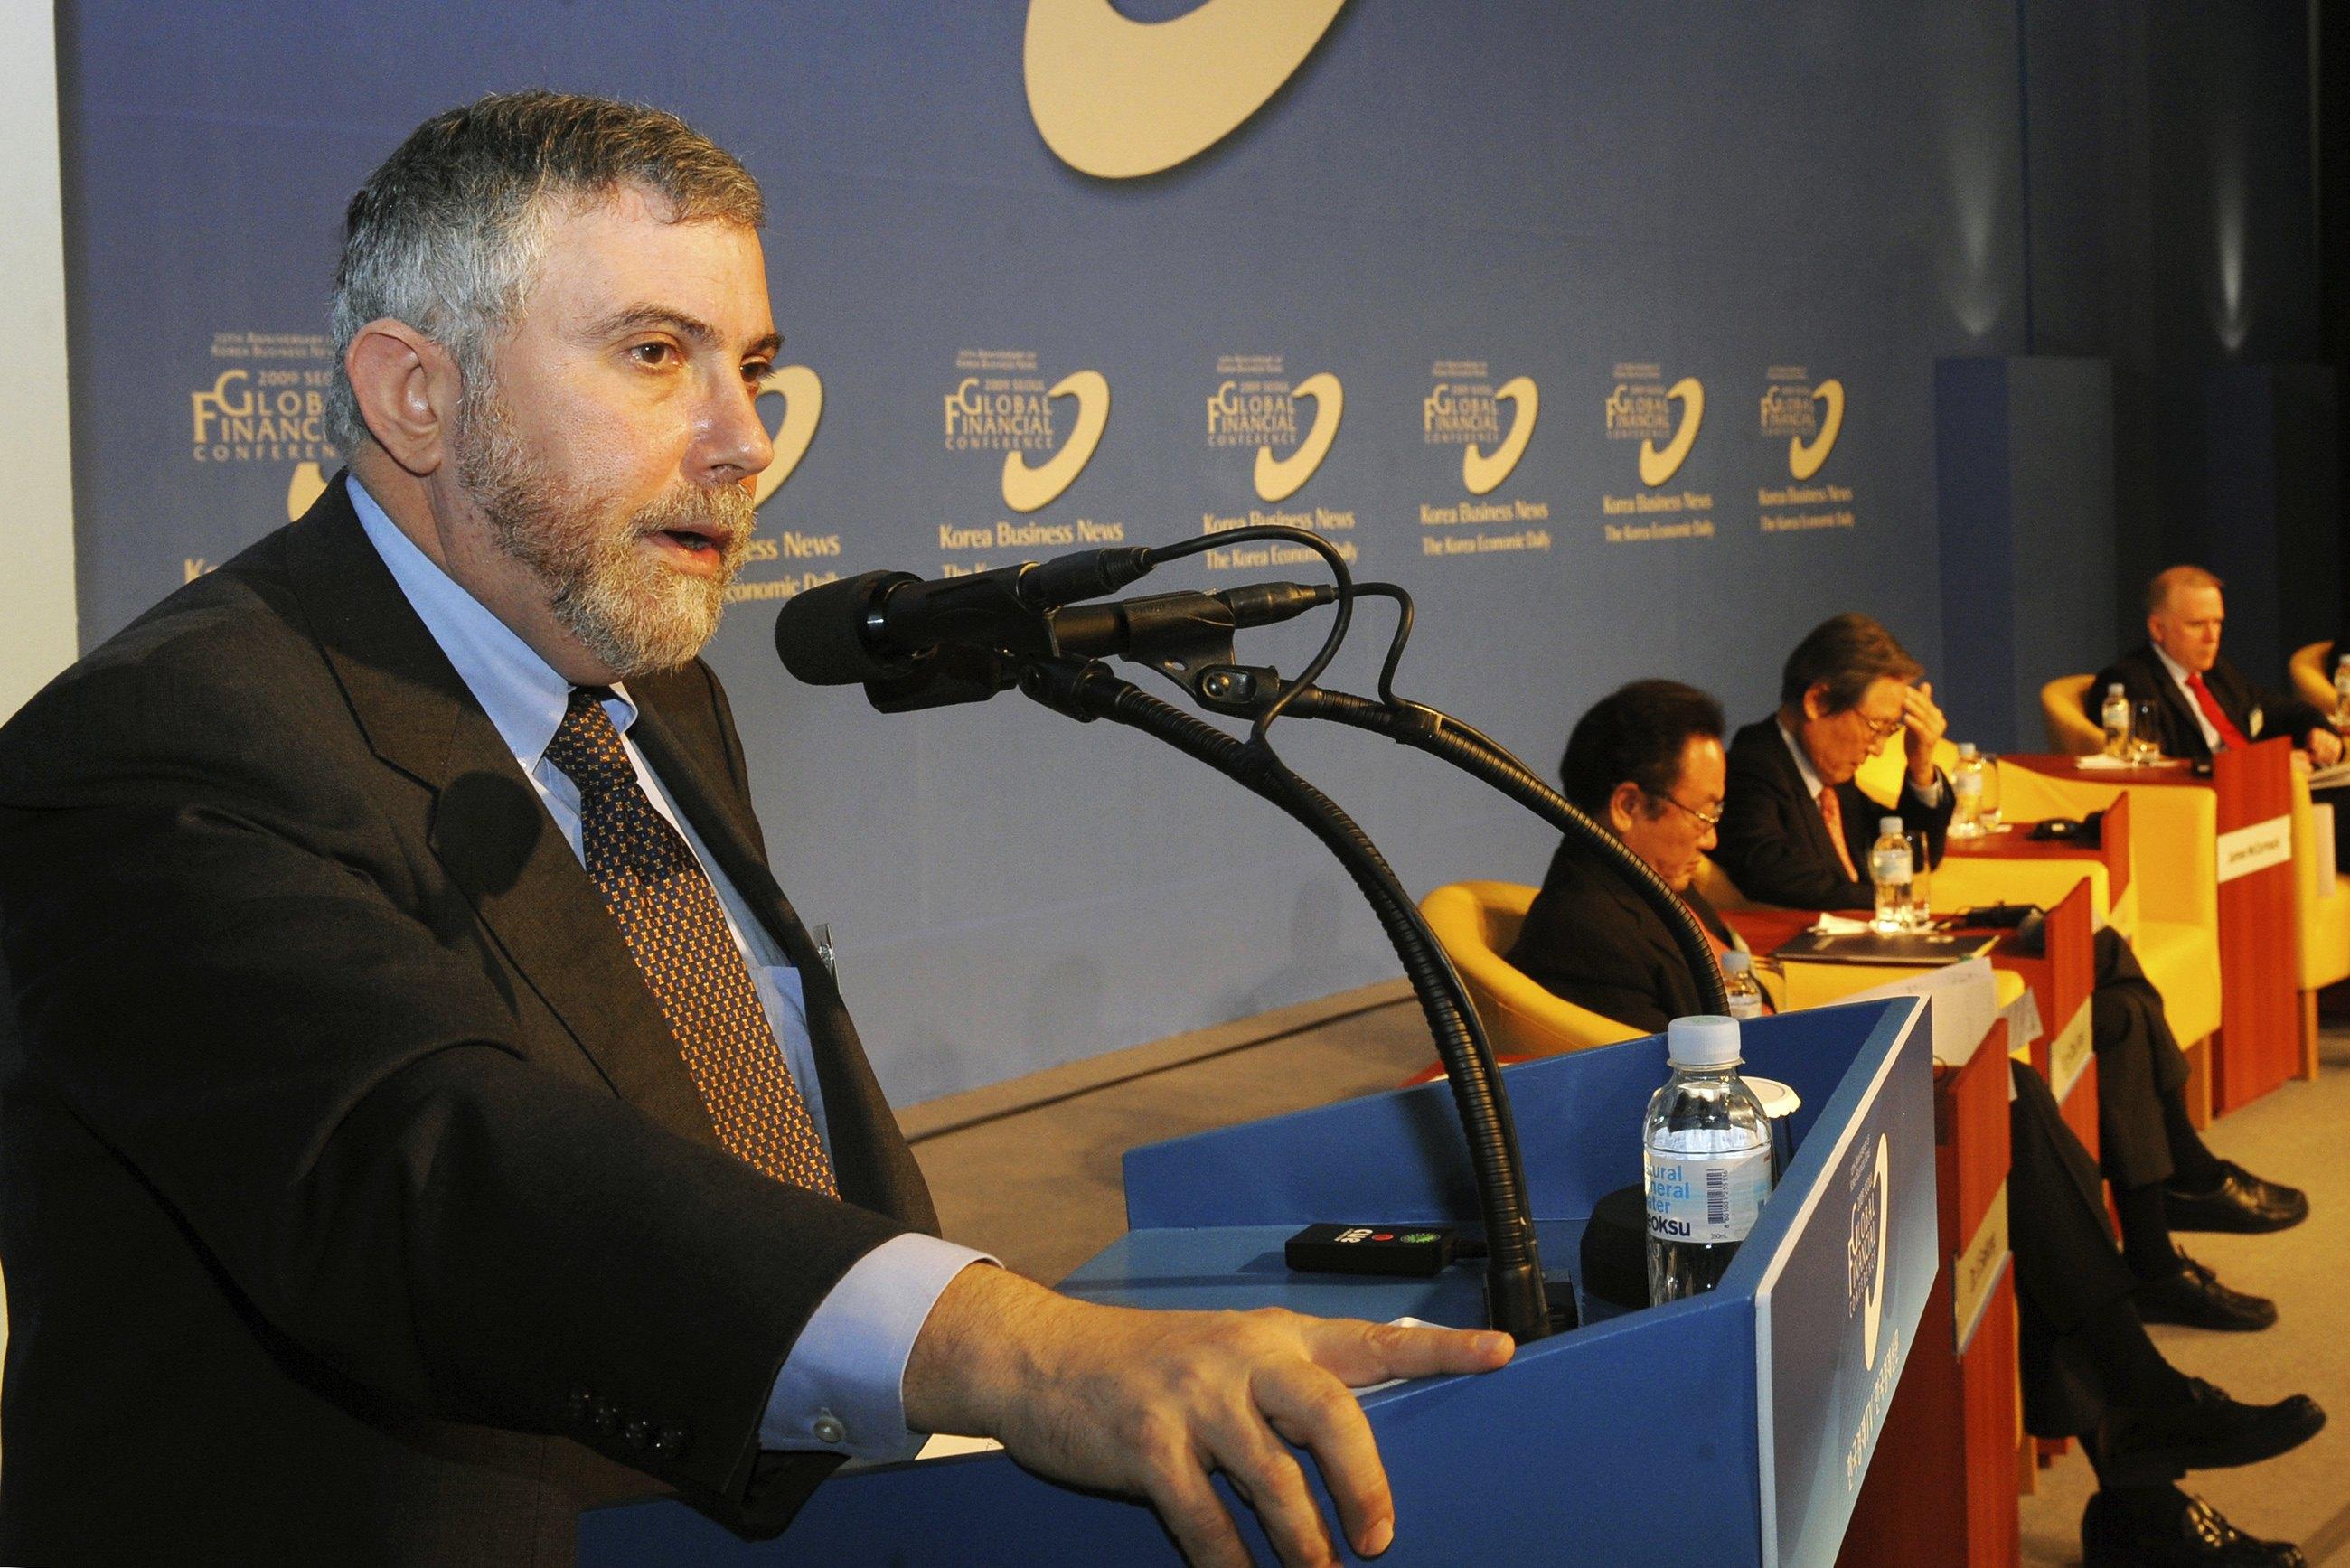 Πολ Κρούγκμαν: Εκτός ευρώ η Ελλάδα, σε λιγότερο από έναν χρόνο | tovima.gr